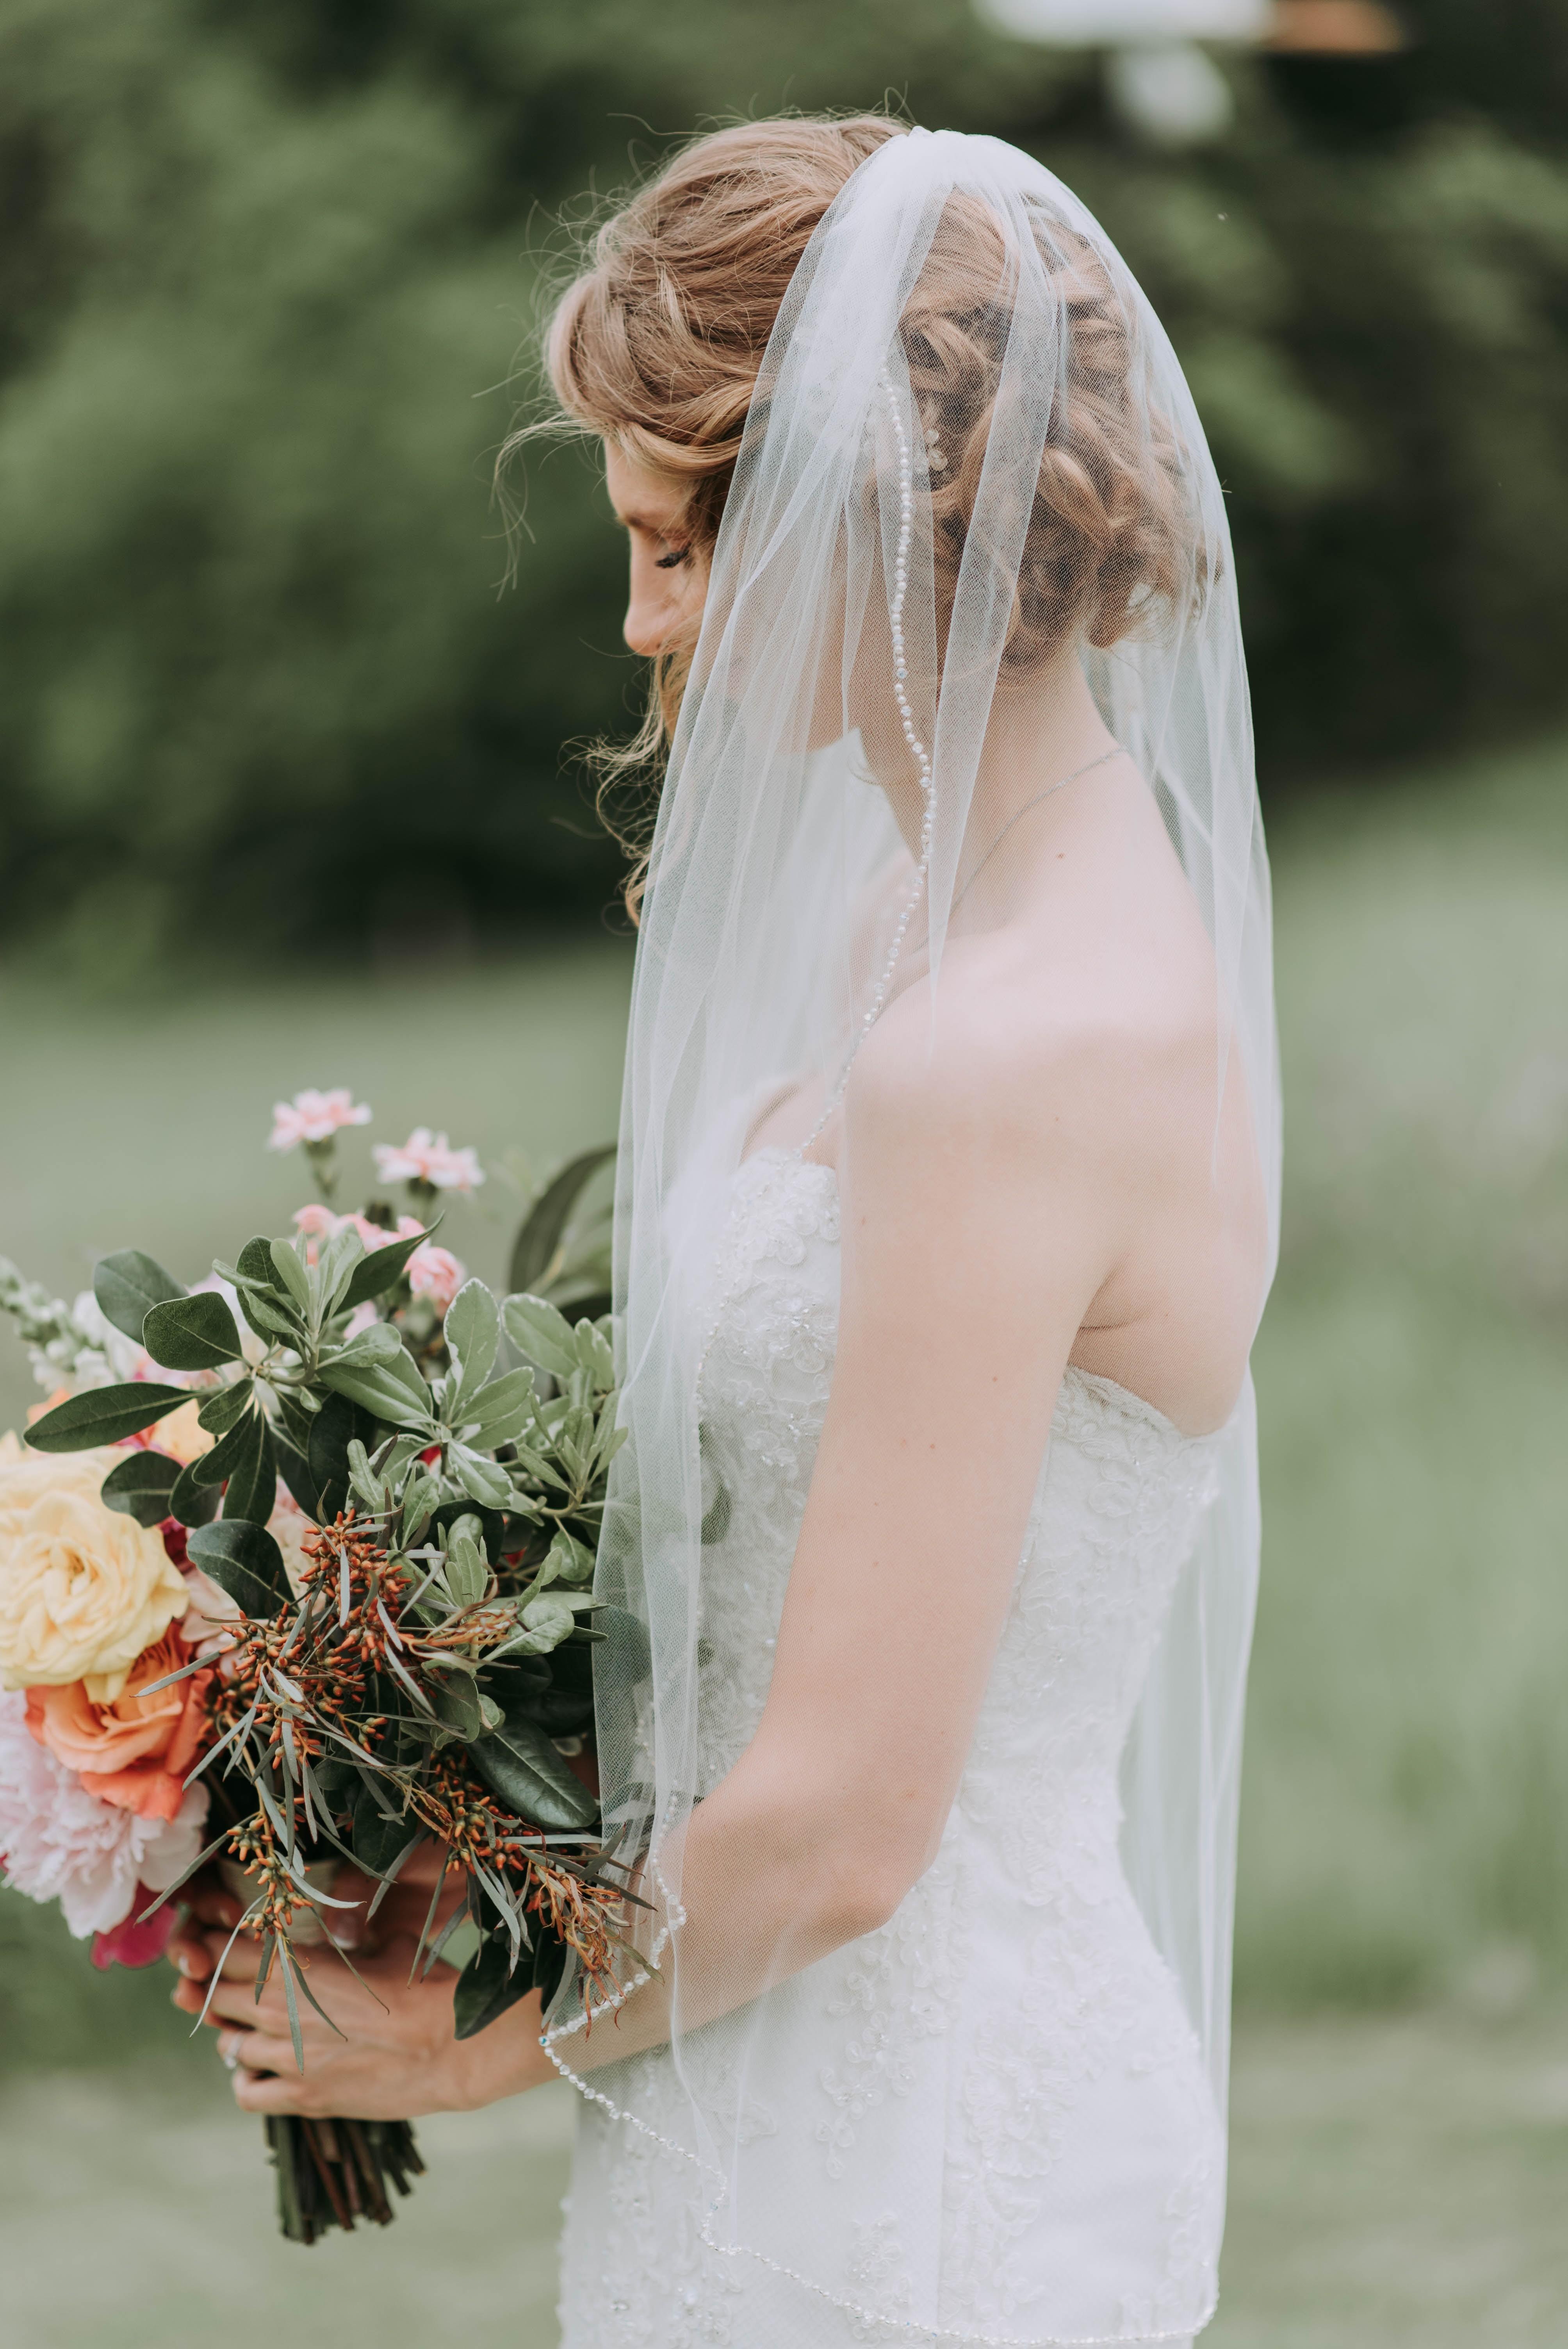 """Atualmente, as noivas estão mudando o corte de cabelo depois do """"sim"""" (Foto: Unsplash)"""